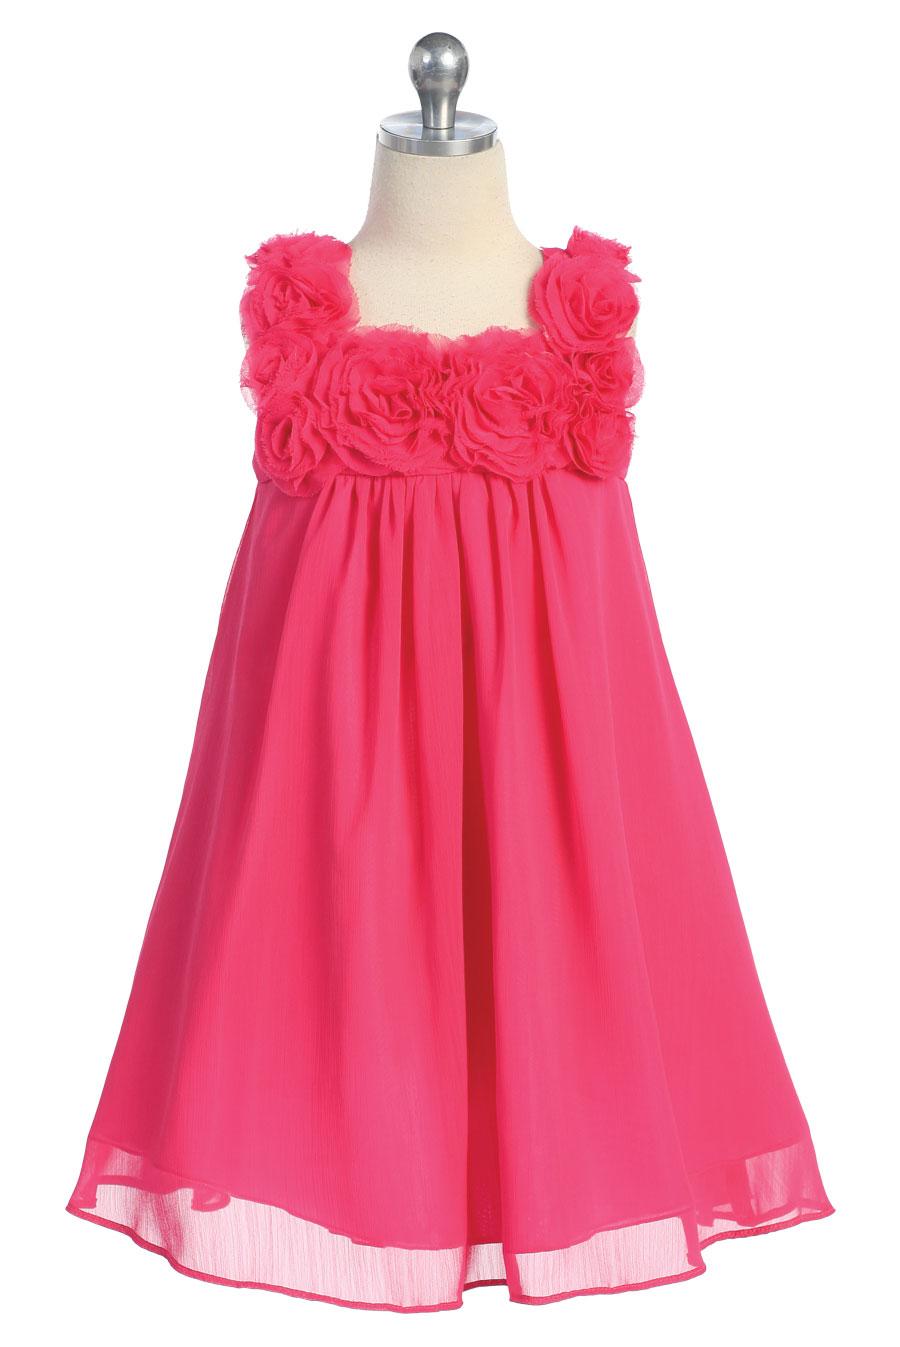 CA_C611FUS - Girls Dress Style 611- FUCHSIA-Sleeveless Chiffon ...